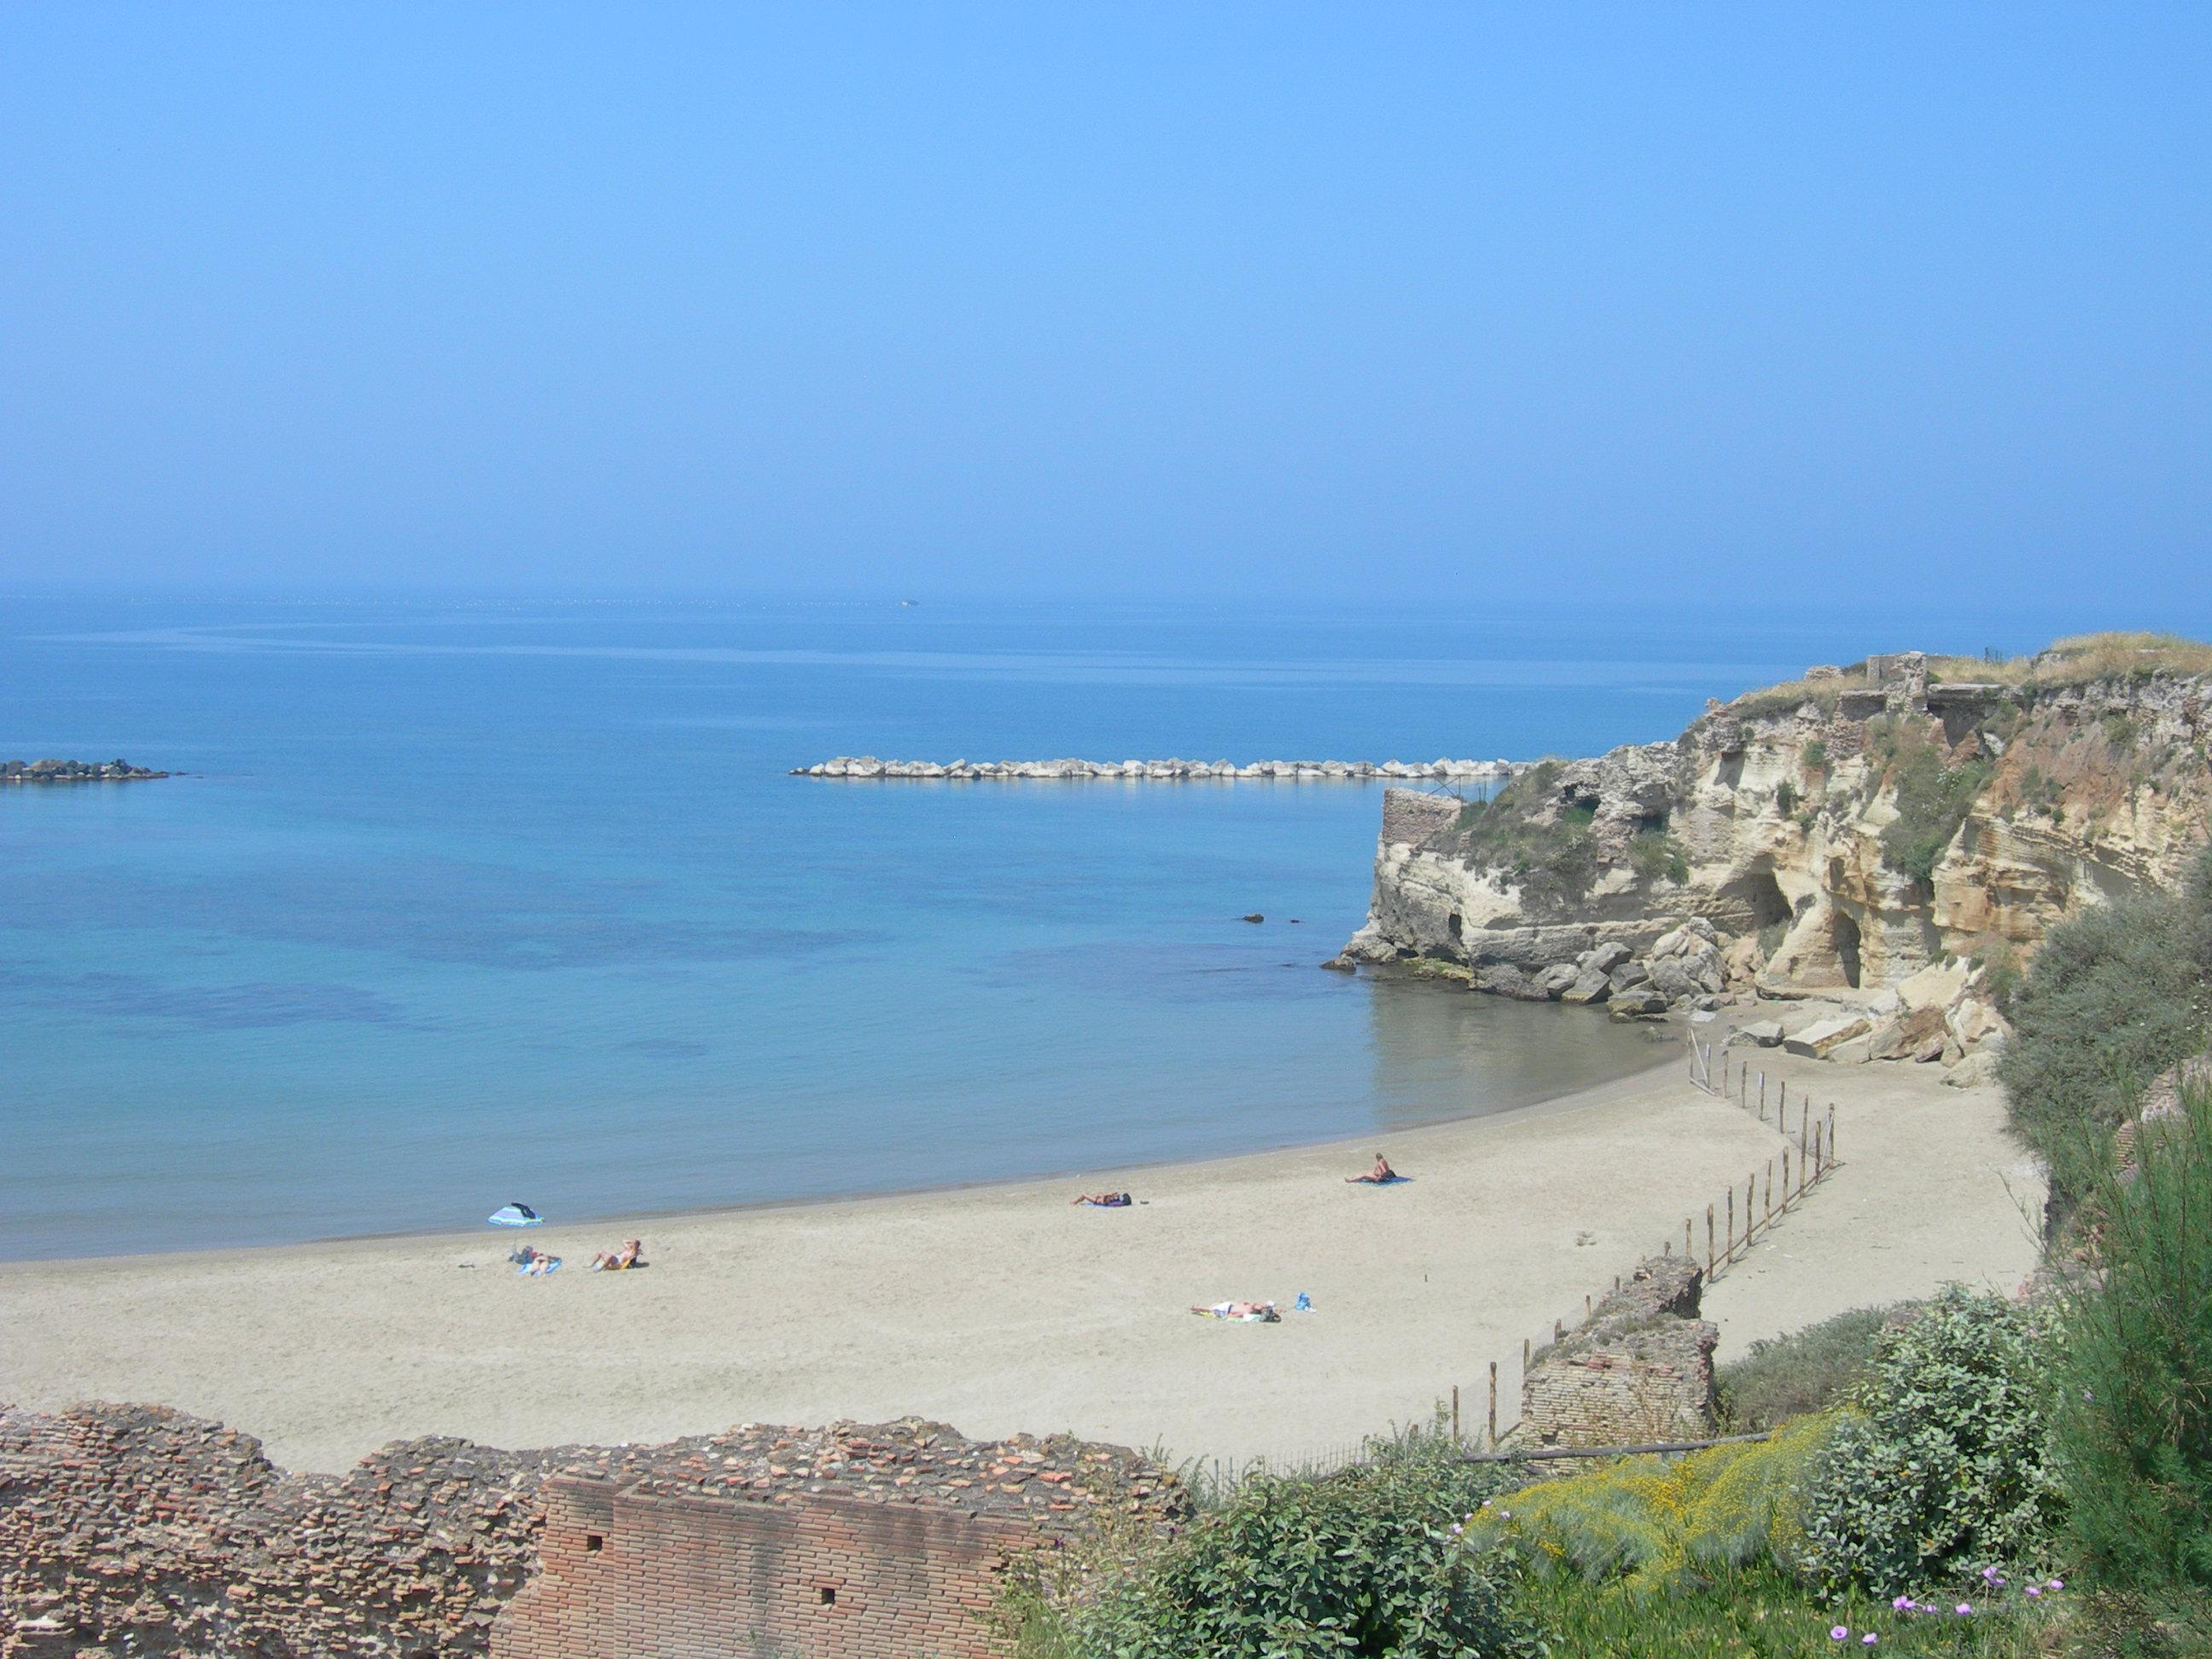 Matrimonio Spiaggia Anzio : Spiaggia di grotte nerone trovaspiagge portale